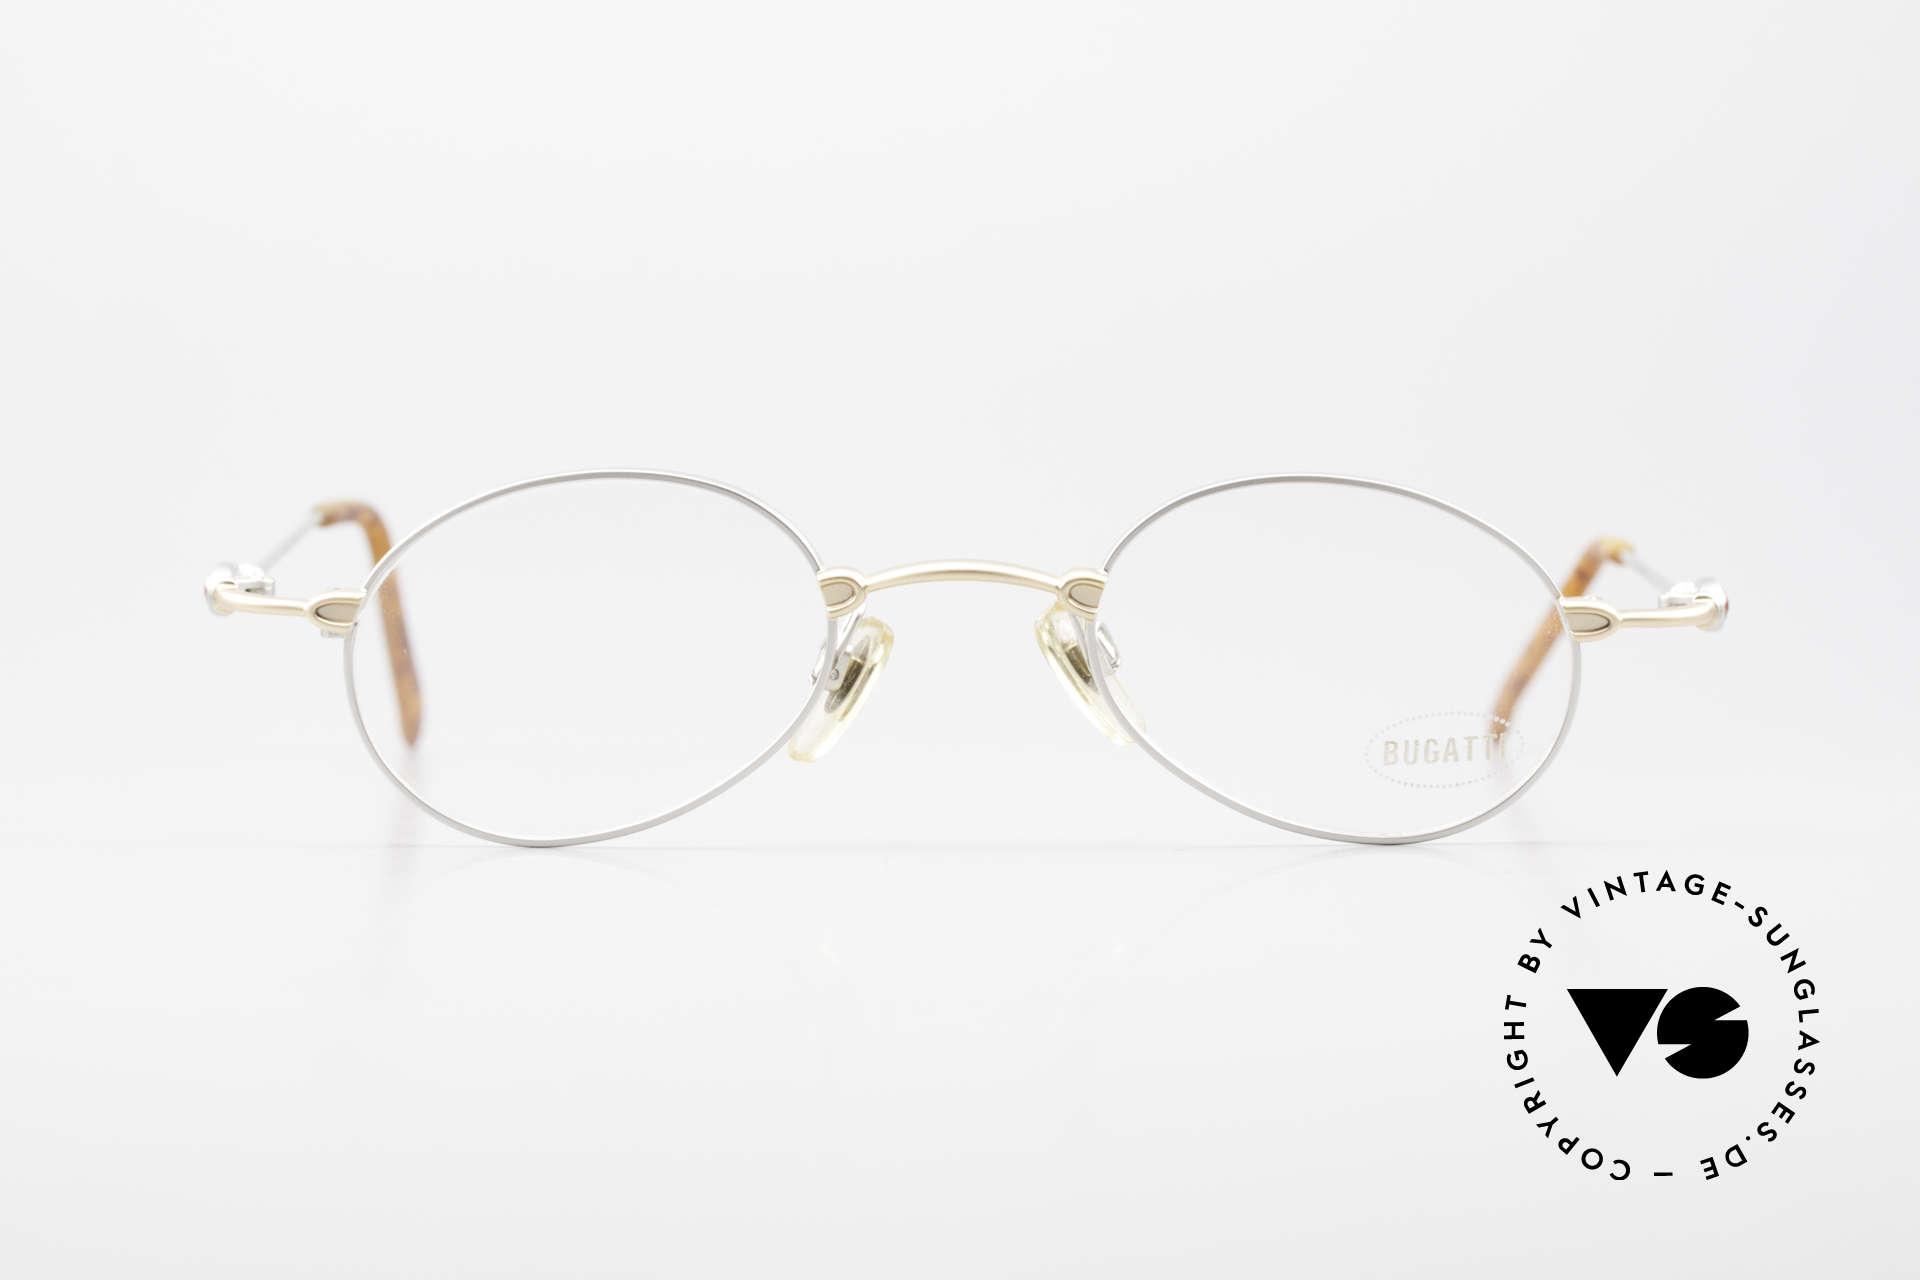 Bugatti 10759 Vintage Eyeglasses Men 90's, materials and craftsmanship on top level; size 44°23, Made for Men